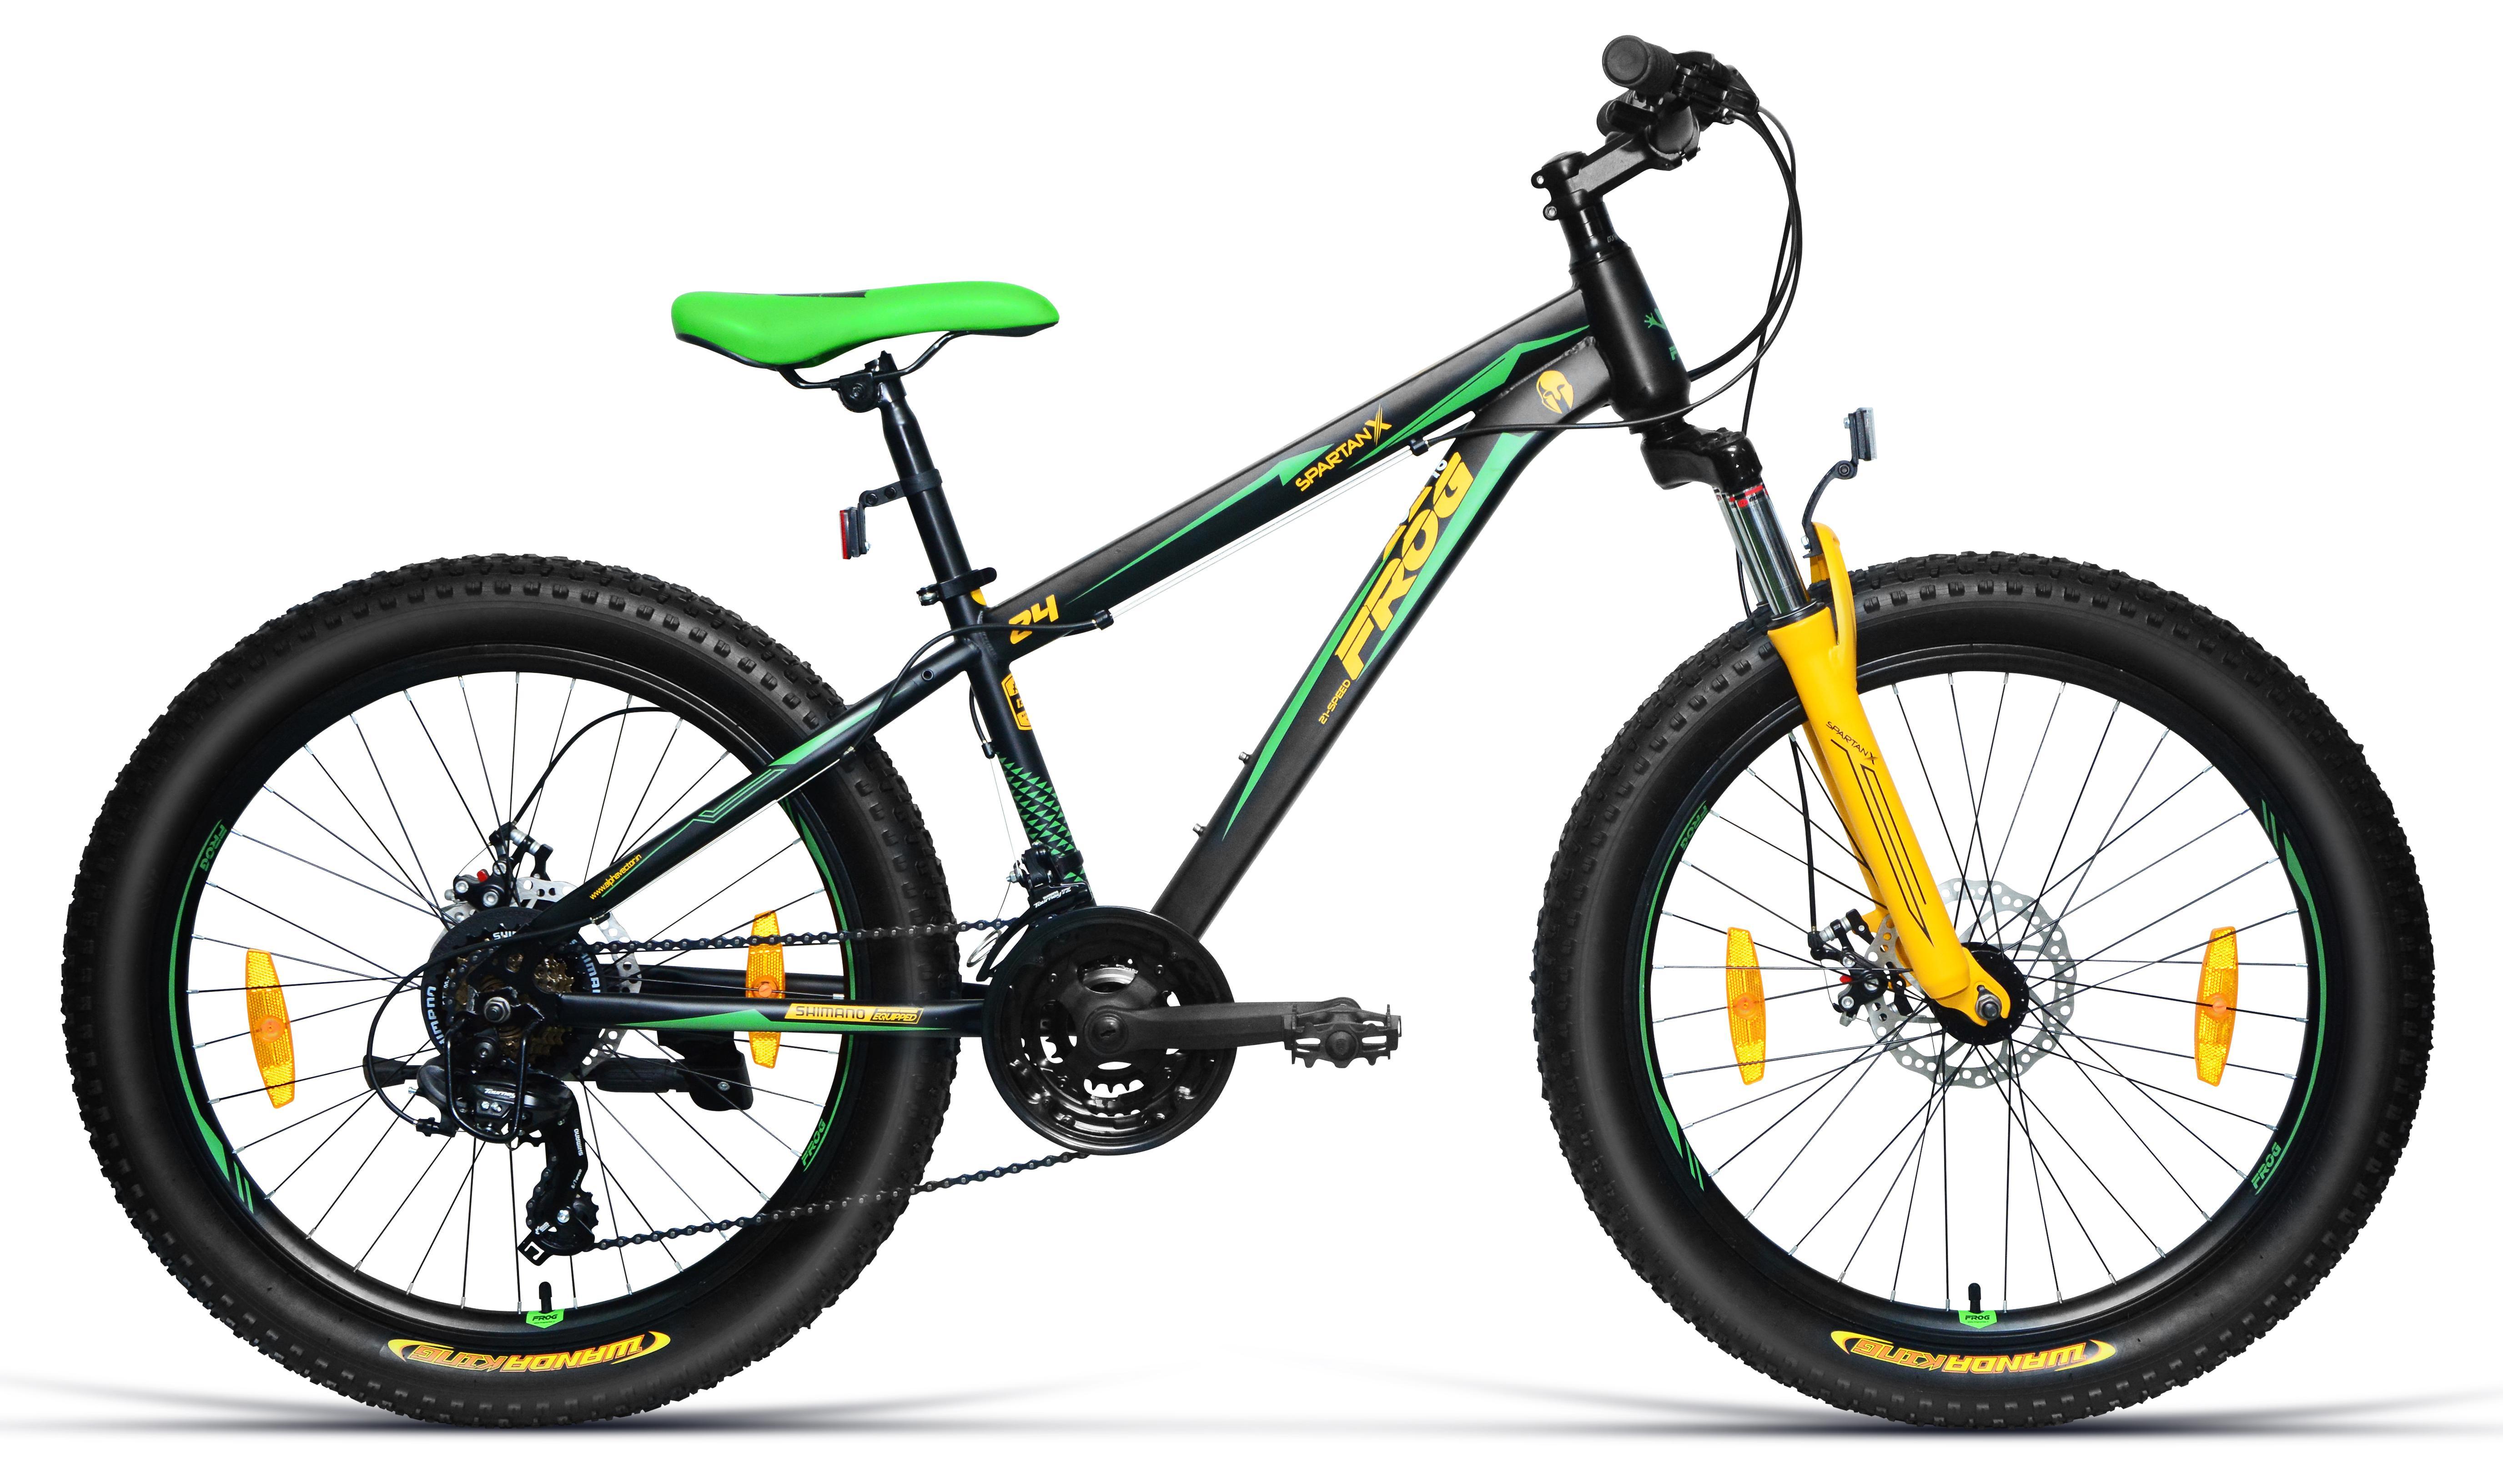 Spartan X 24 3 0 (Black Green color) image 1